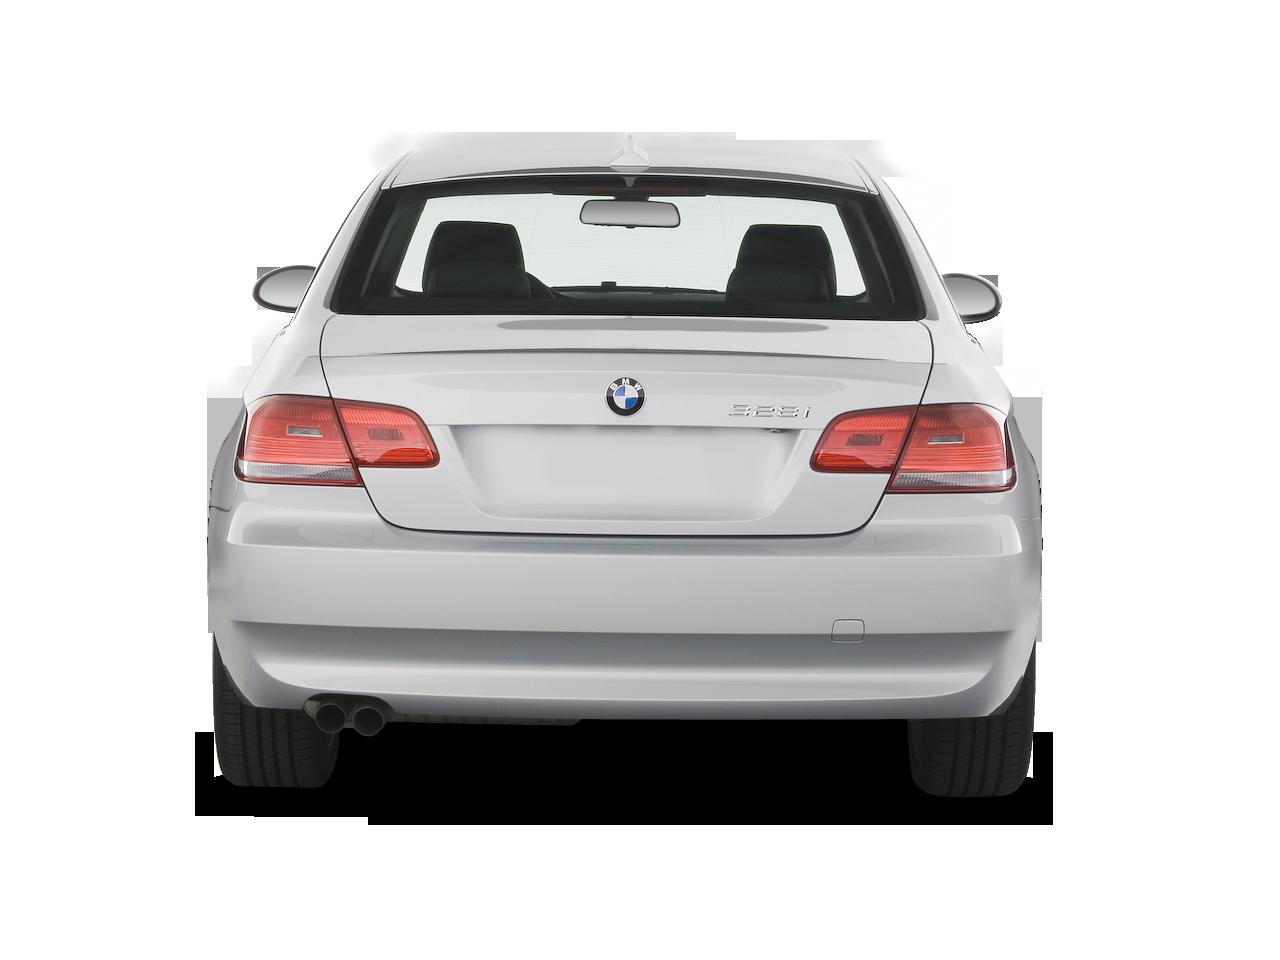 BMW Convertible 2008 bmw 328 i 2009 BMW 328i xDrive Sports Wagon - BMW Luxury Wagon Review ...